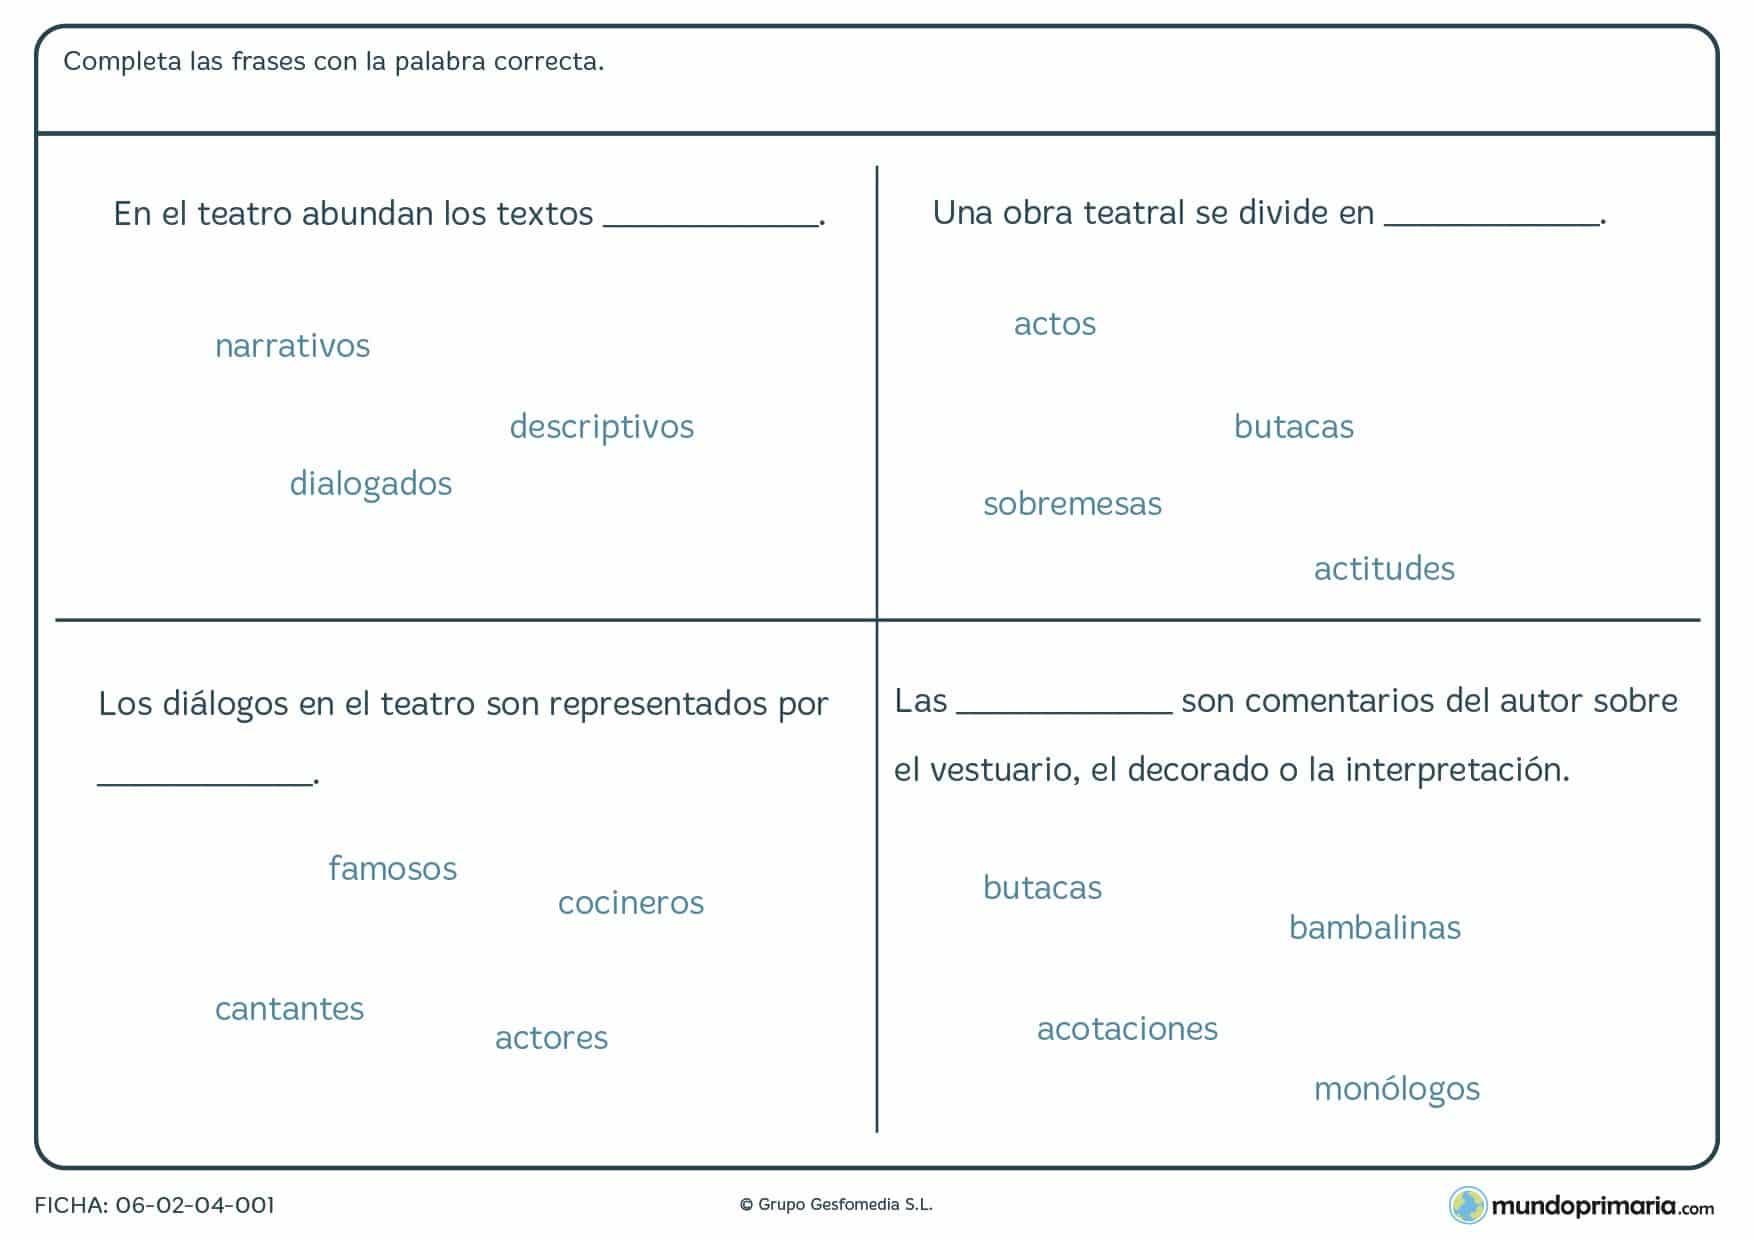 Ficha de completar frases correctemente en la que deberás elegir la palabra correcta de cada bloque.